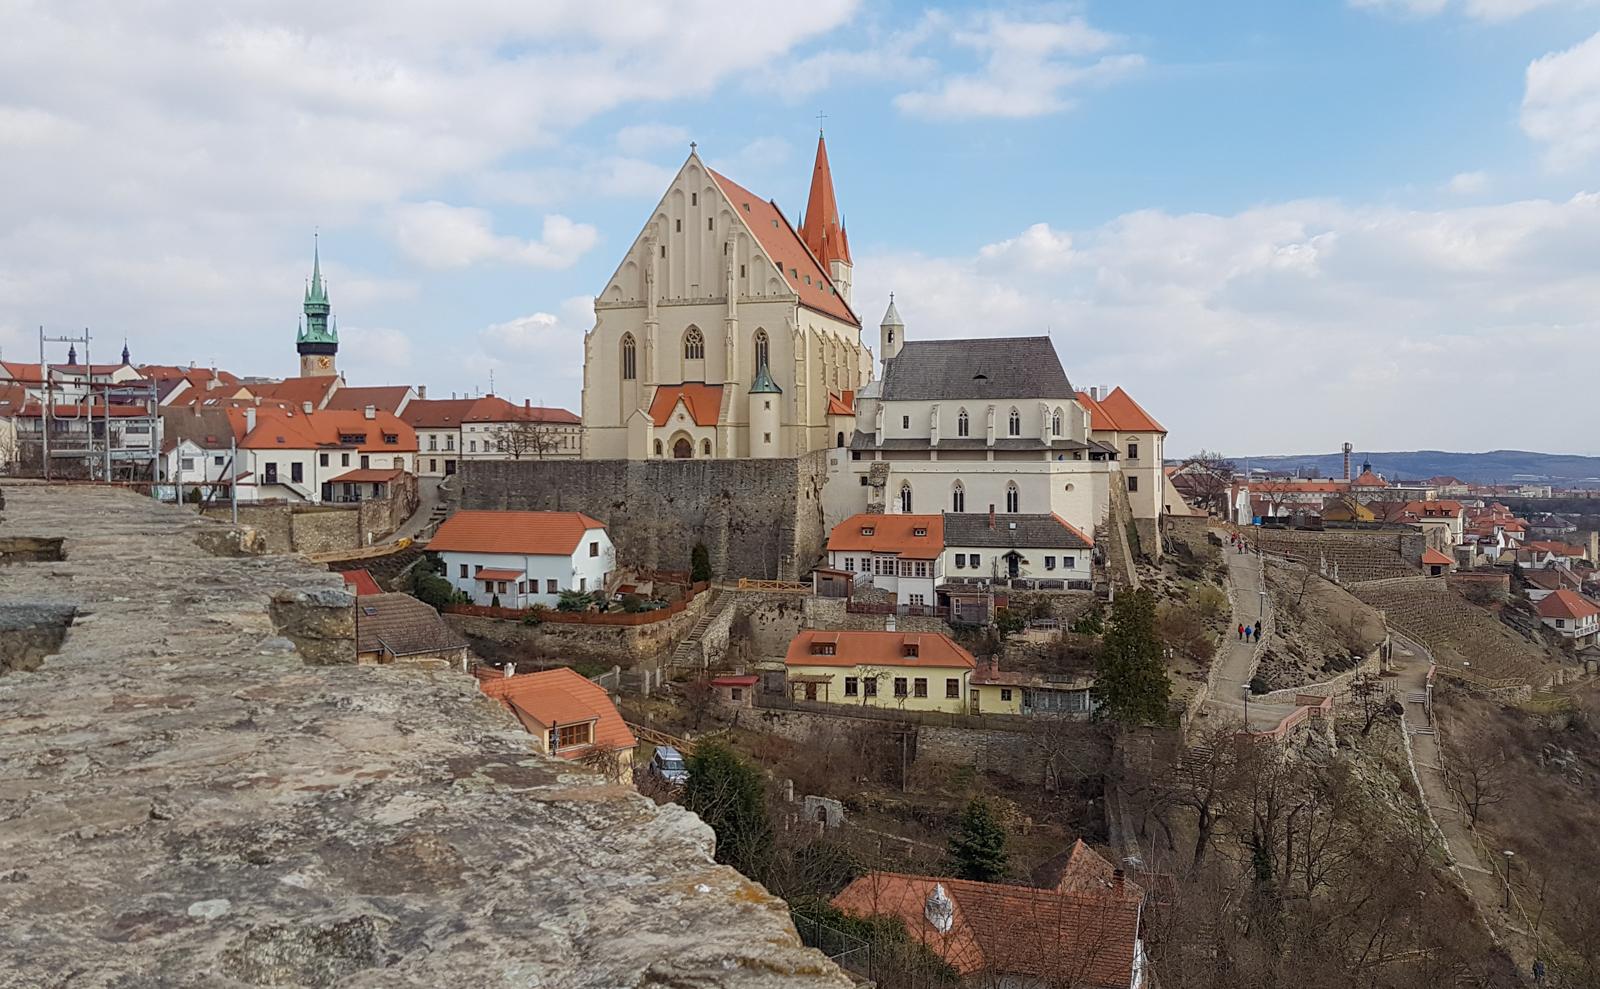 Znaim Burg Tschechien